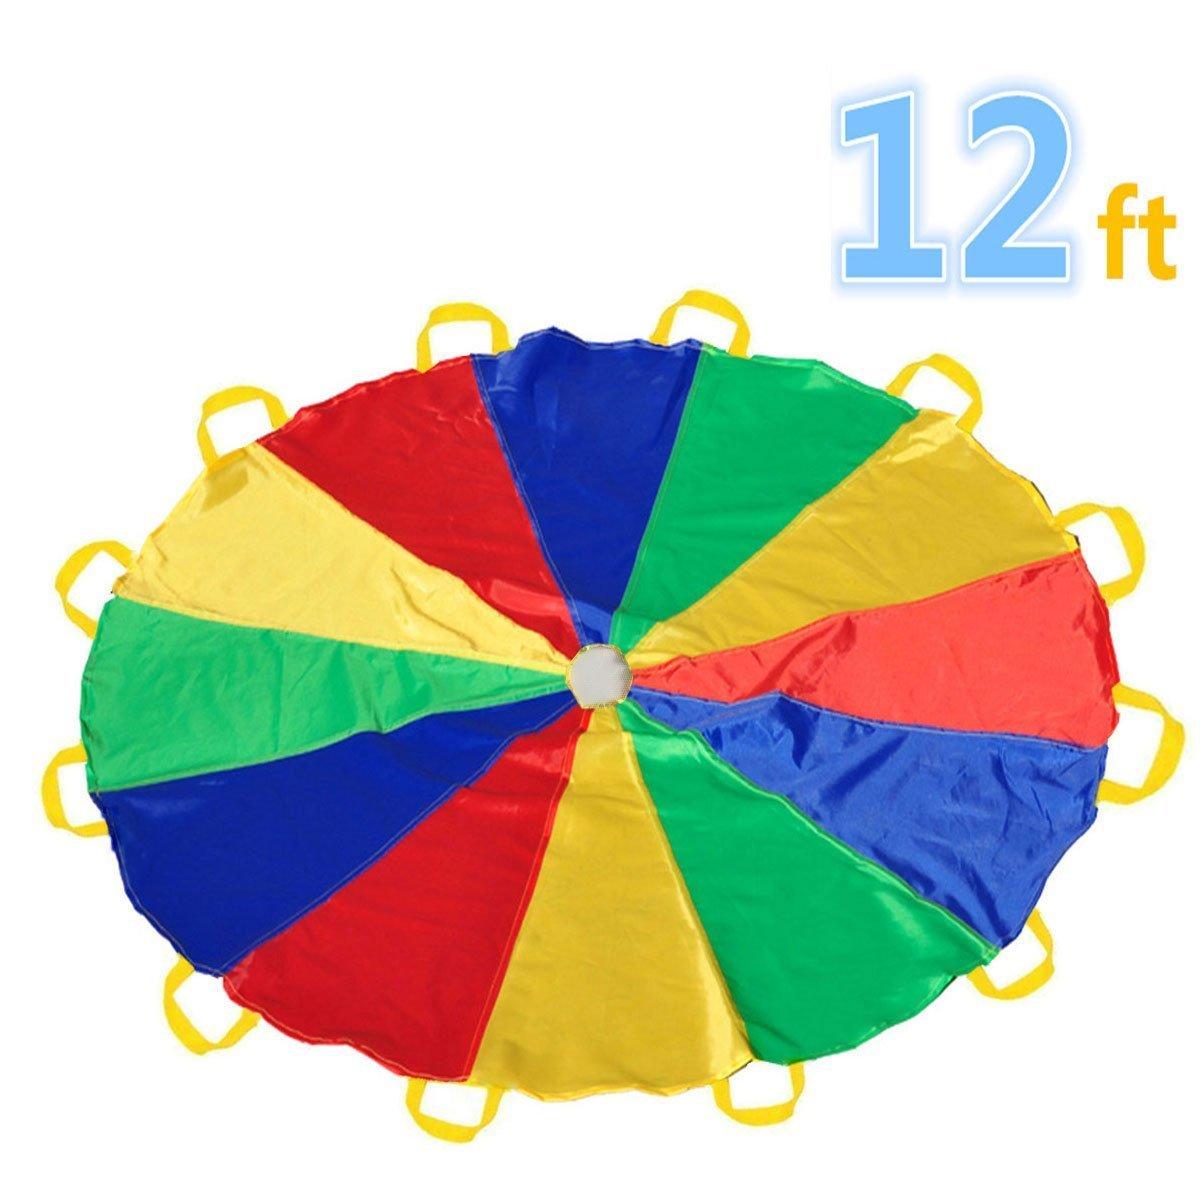 giochi all'aperto paracadute ludico